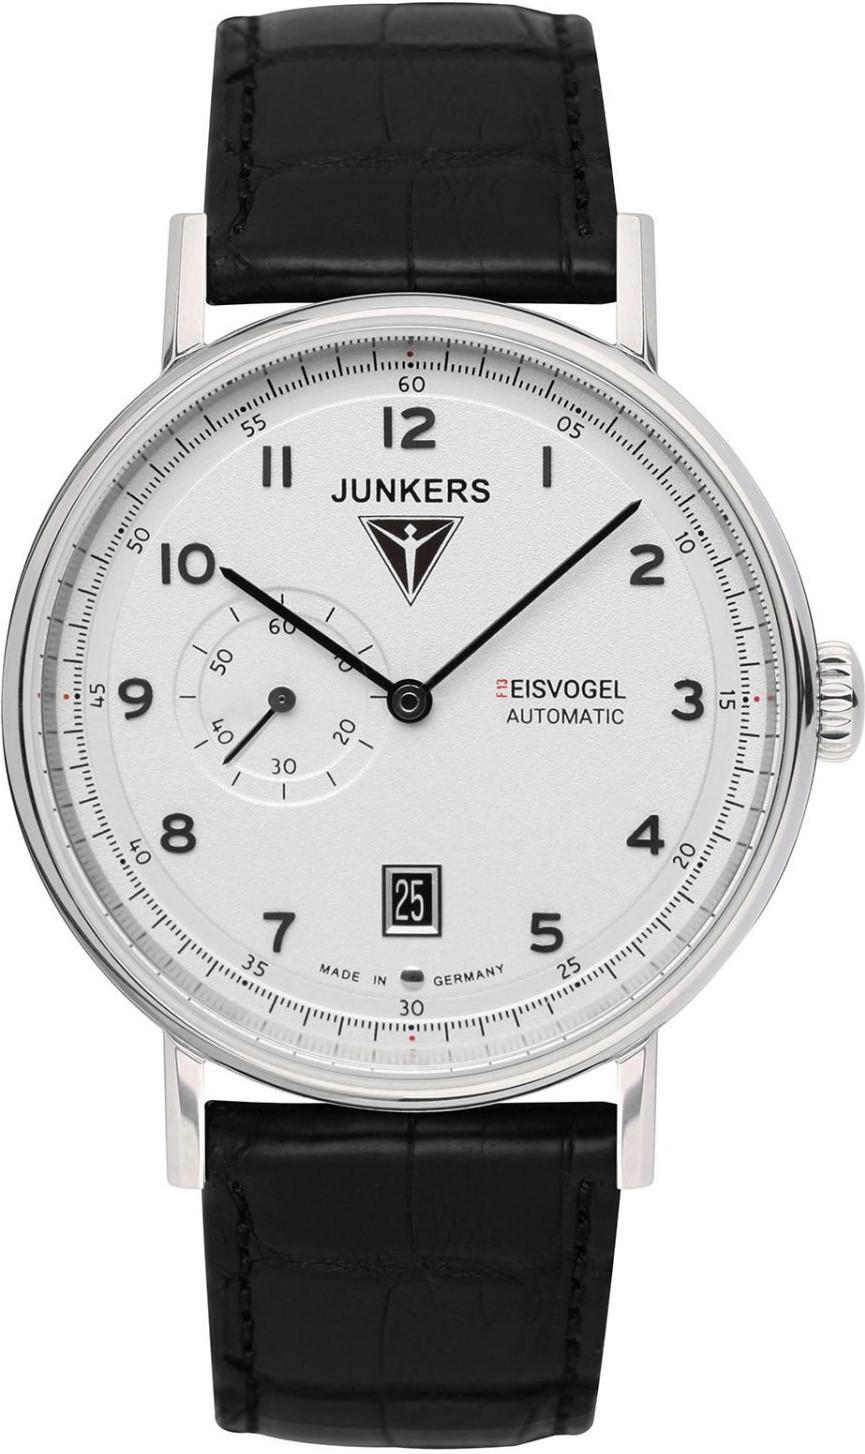 Junkers Eisvogel F13 (6704-1)